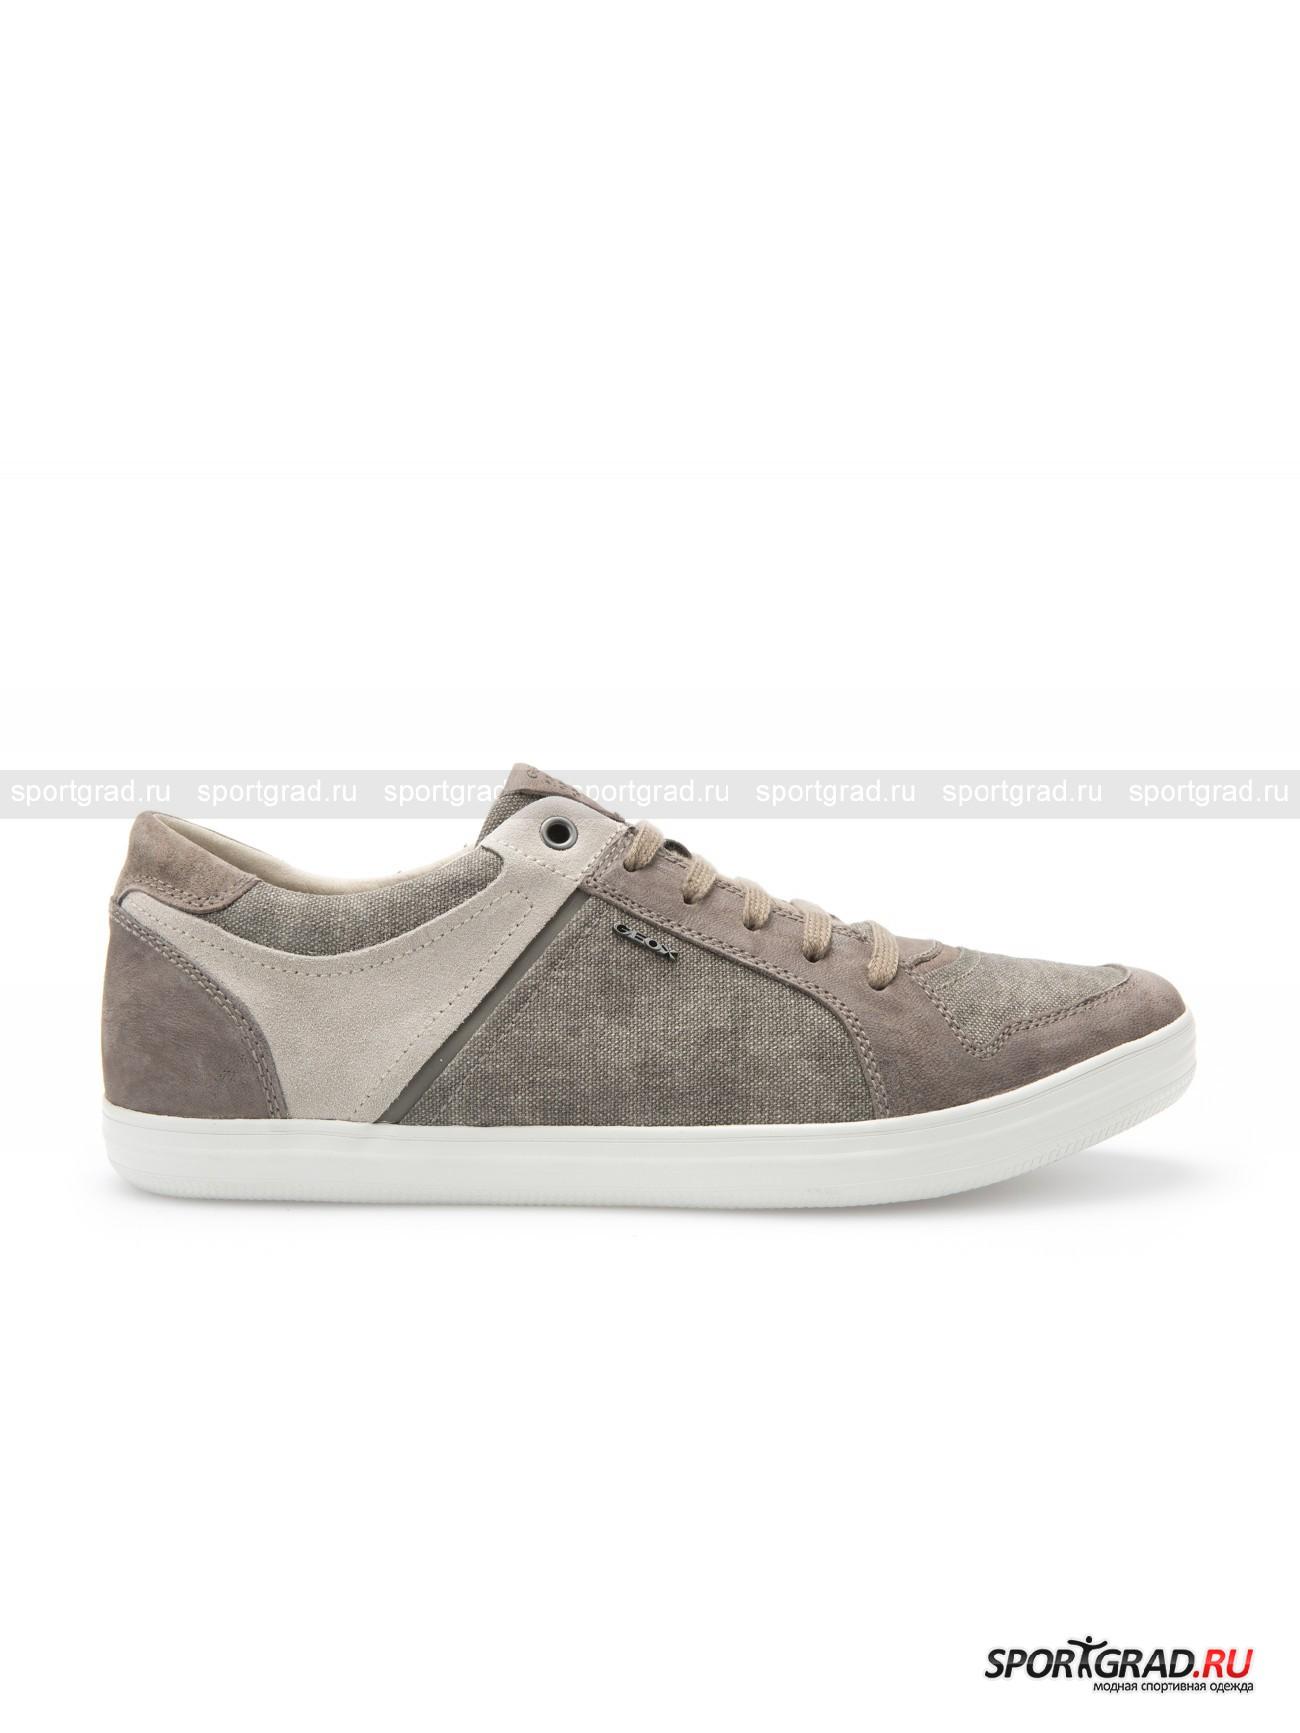 ���� ������� Sneakers GEOX